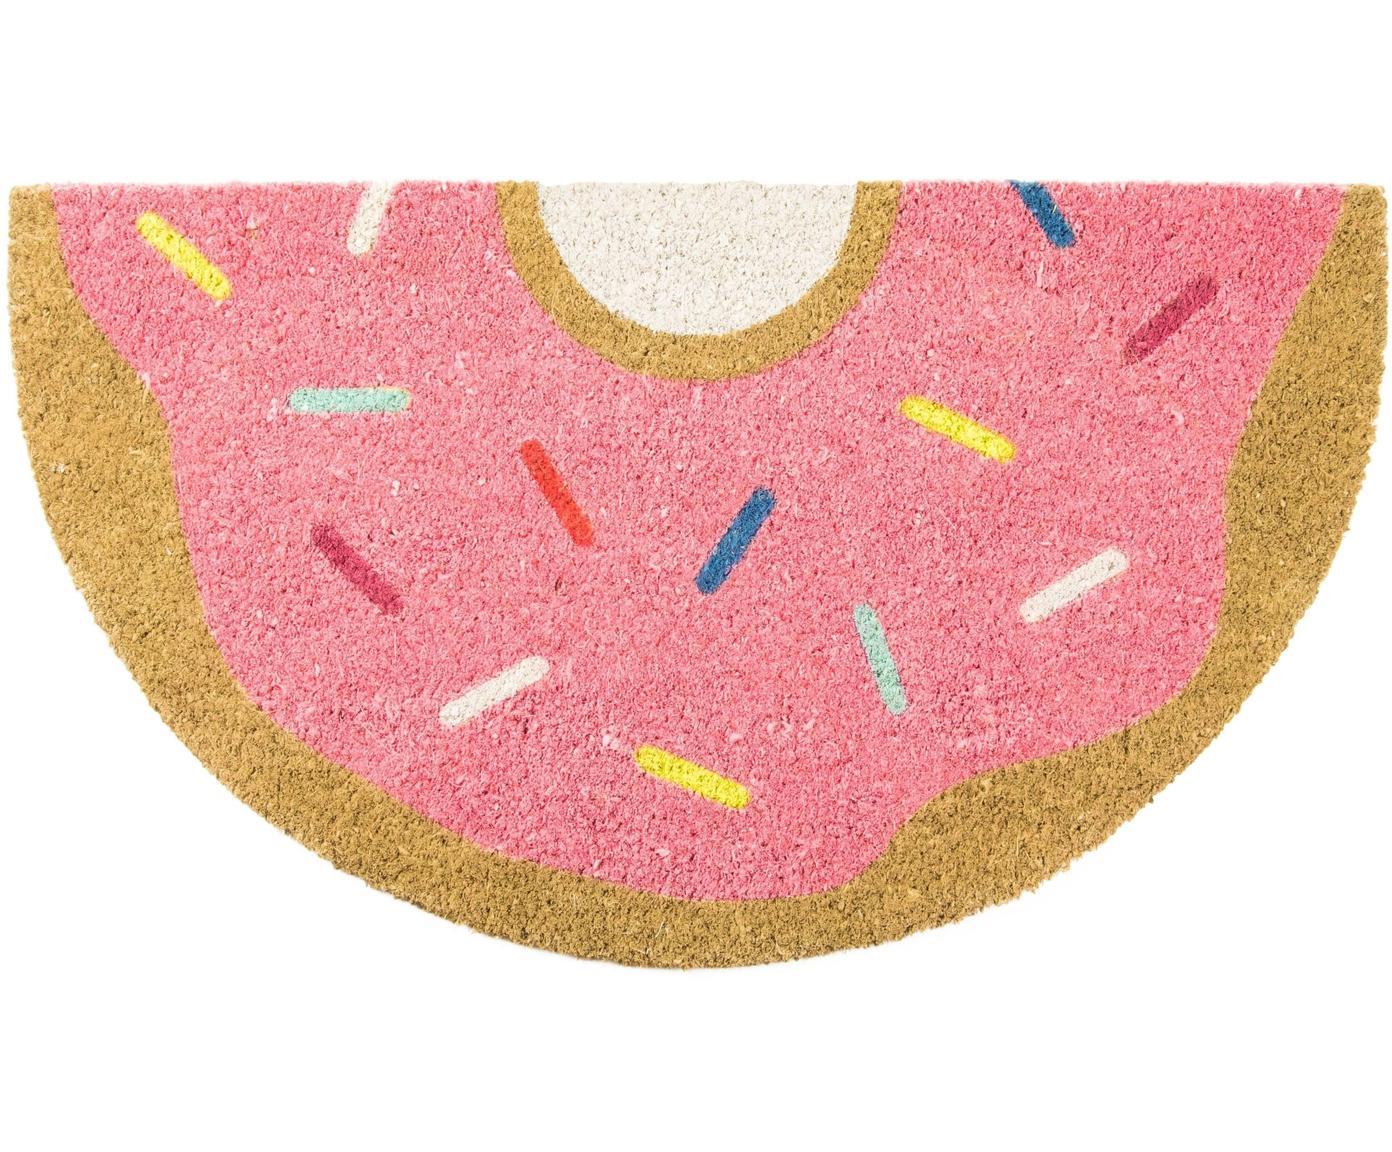 Fußmatte Donut, Oberseite: Kokosfaser, Unterseite: PVC, Rosa, Mehrfarbig, 40 x 70 cm